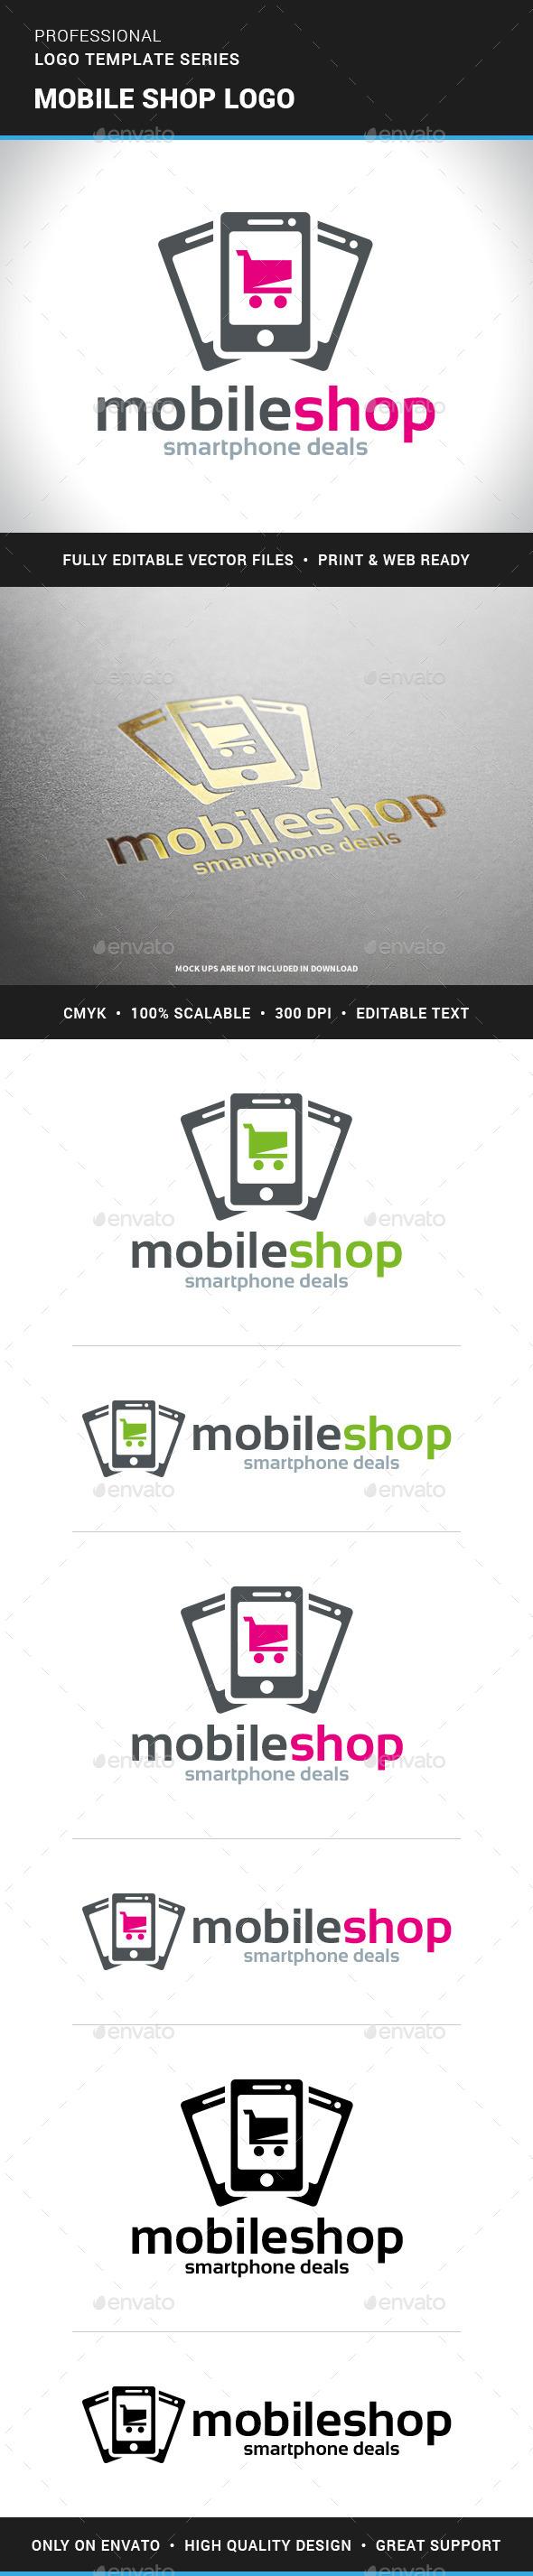 Mobile Shop Logo Template